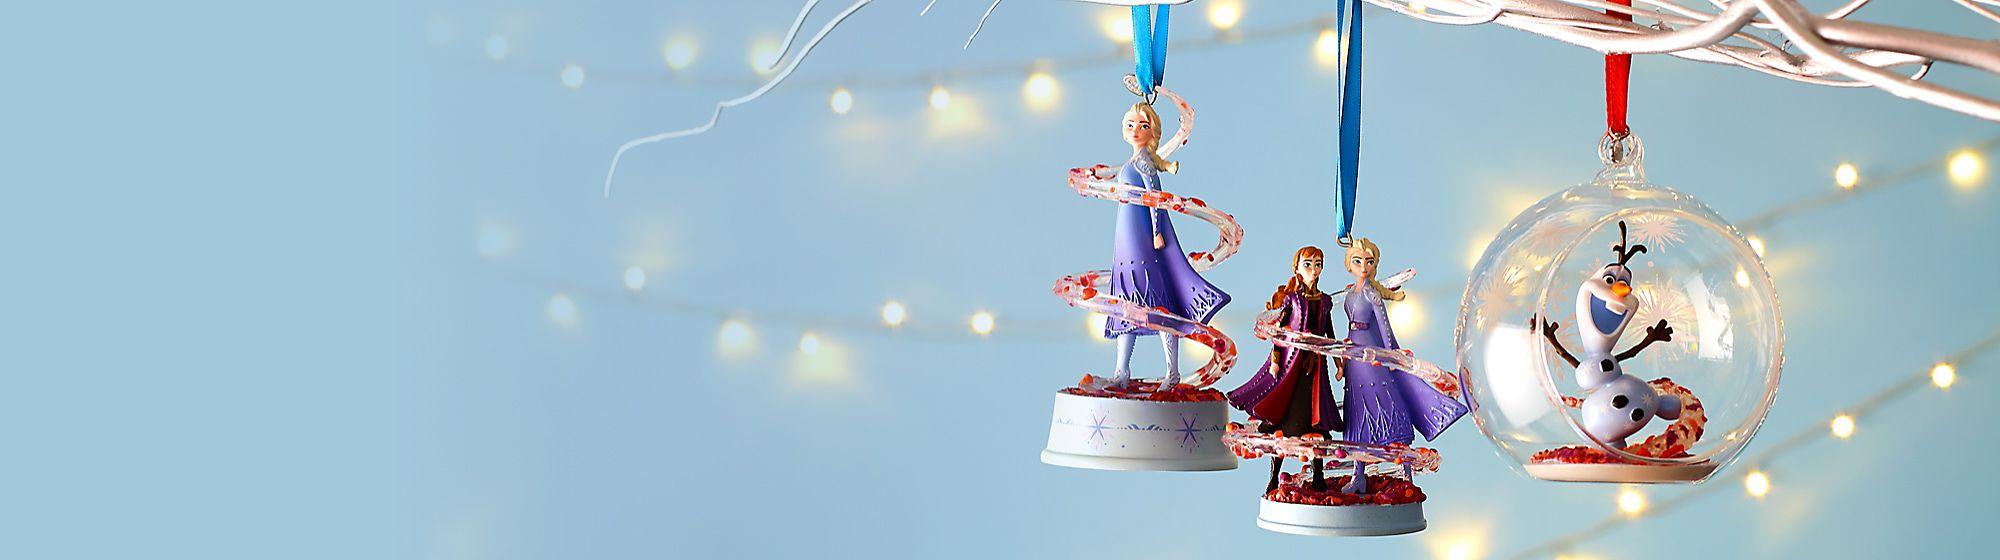 Collector La Reine des Neiges 2 Nos produits à collectionner pour les fans